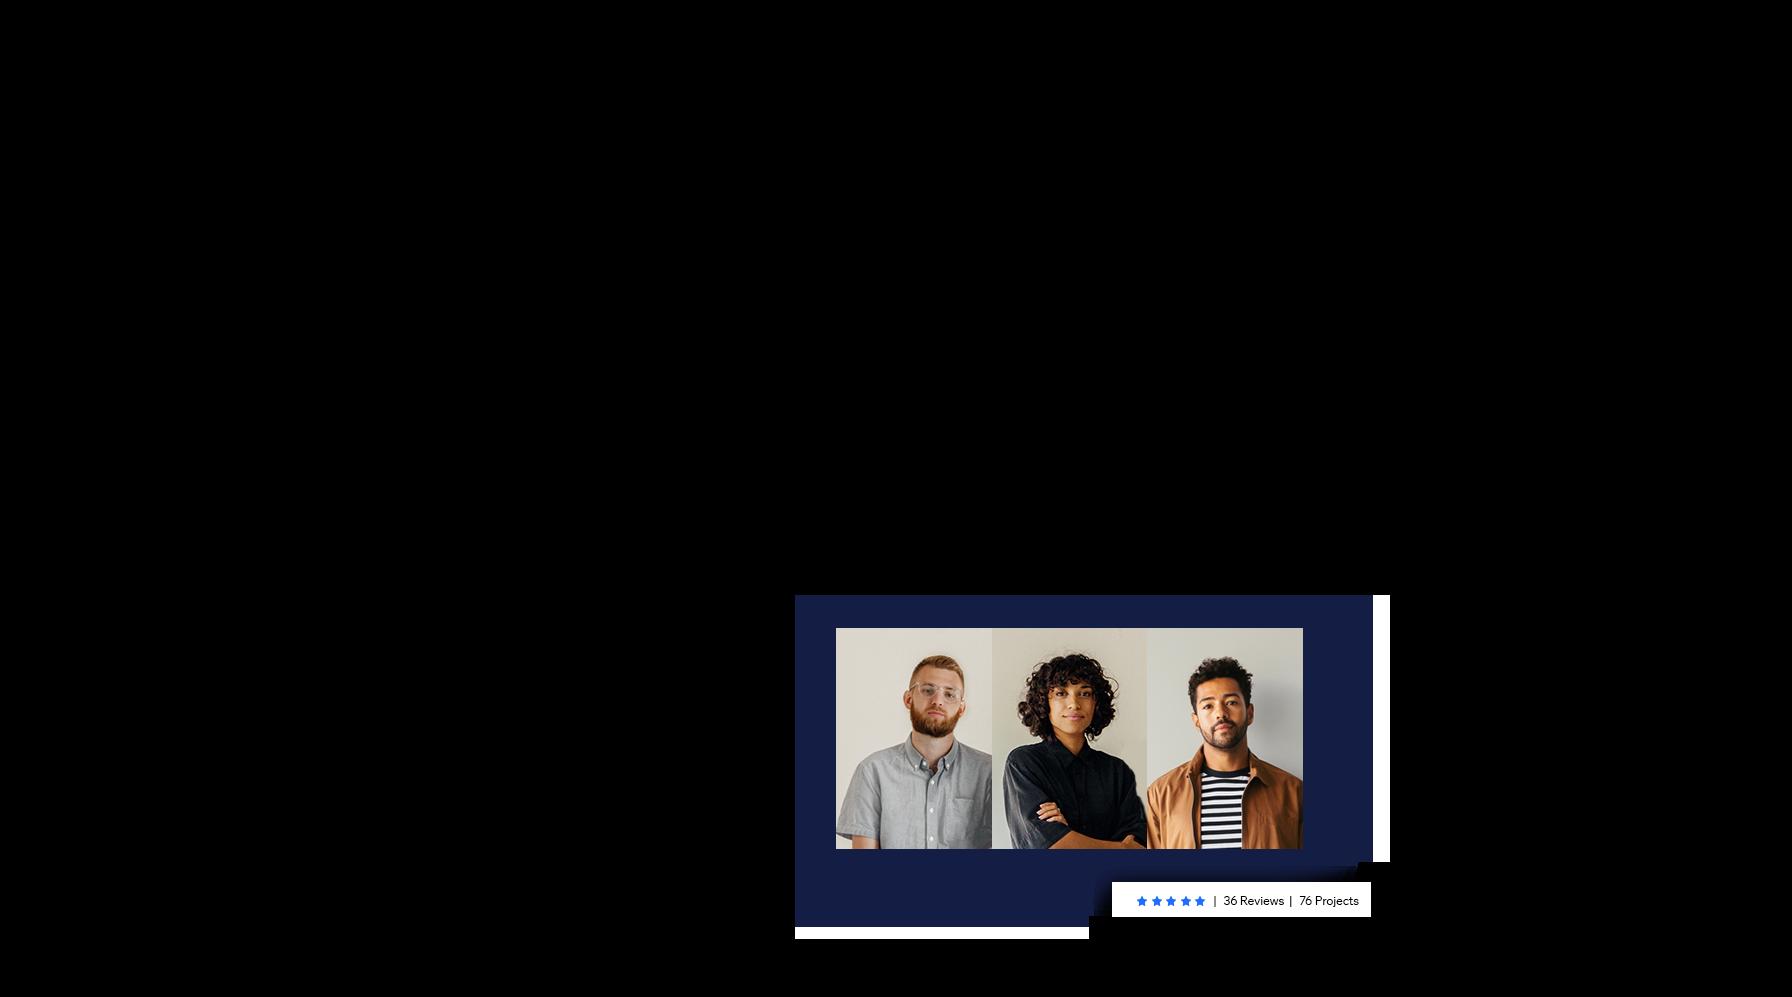 Drie portretfoto's van de eigenaren van een bureau die zijn ingehuurd van de Wix Marketplace.